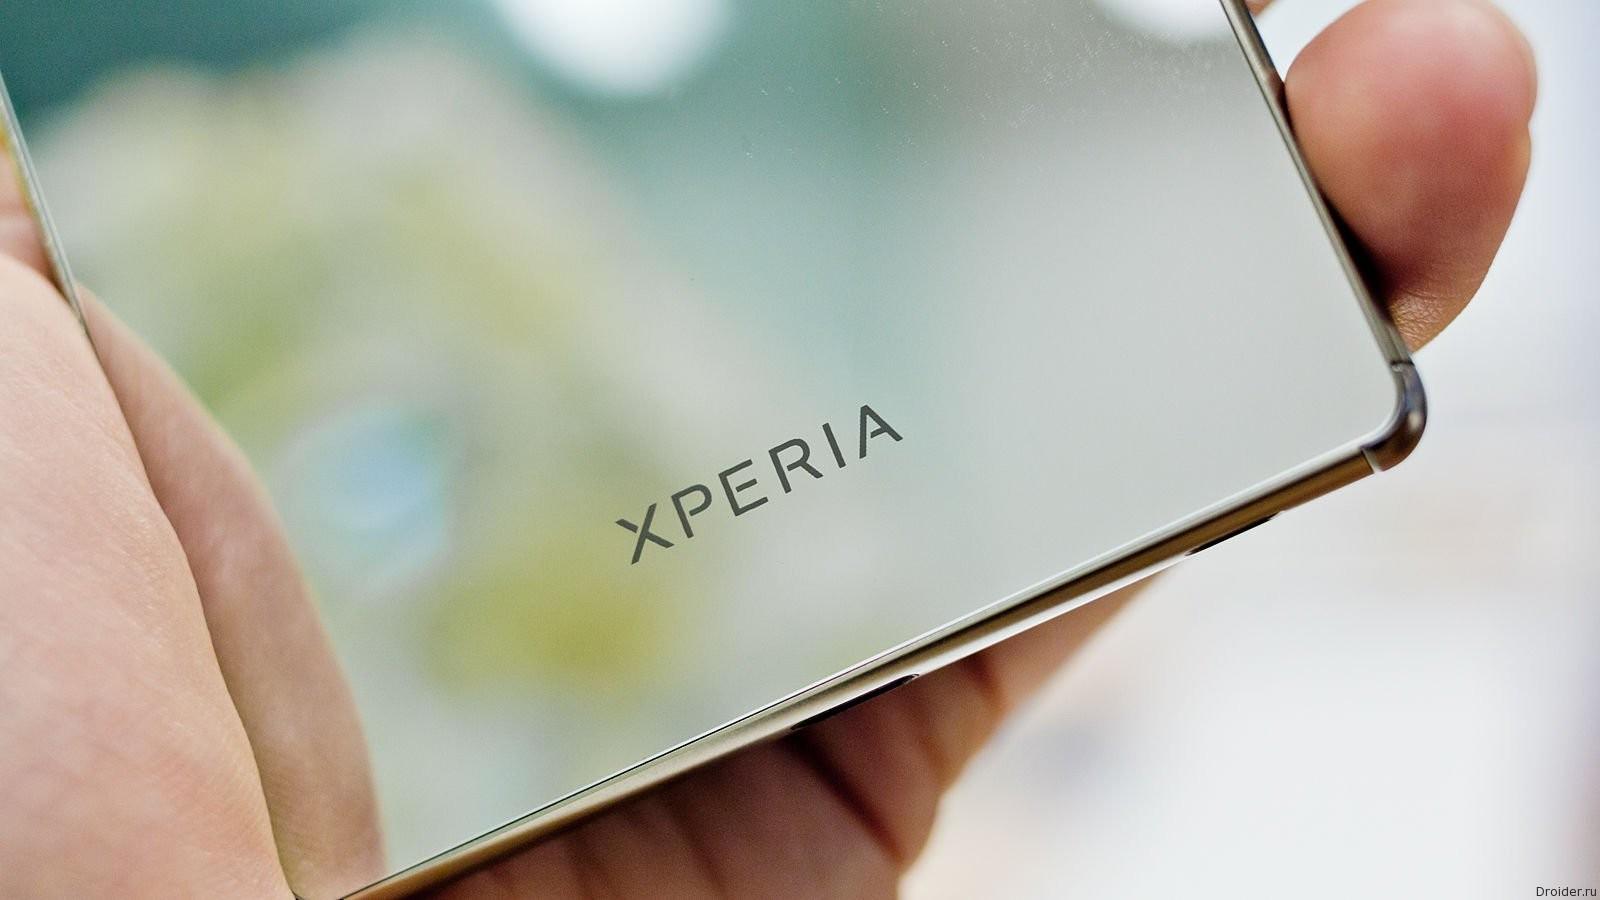 Первые подробности о смартфонах Xperia Z6 от Sony